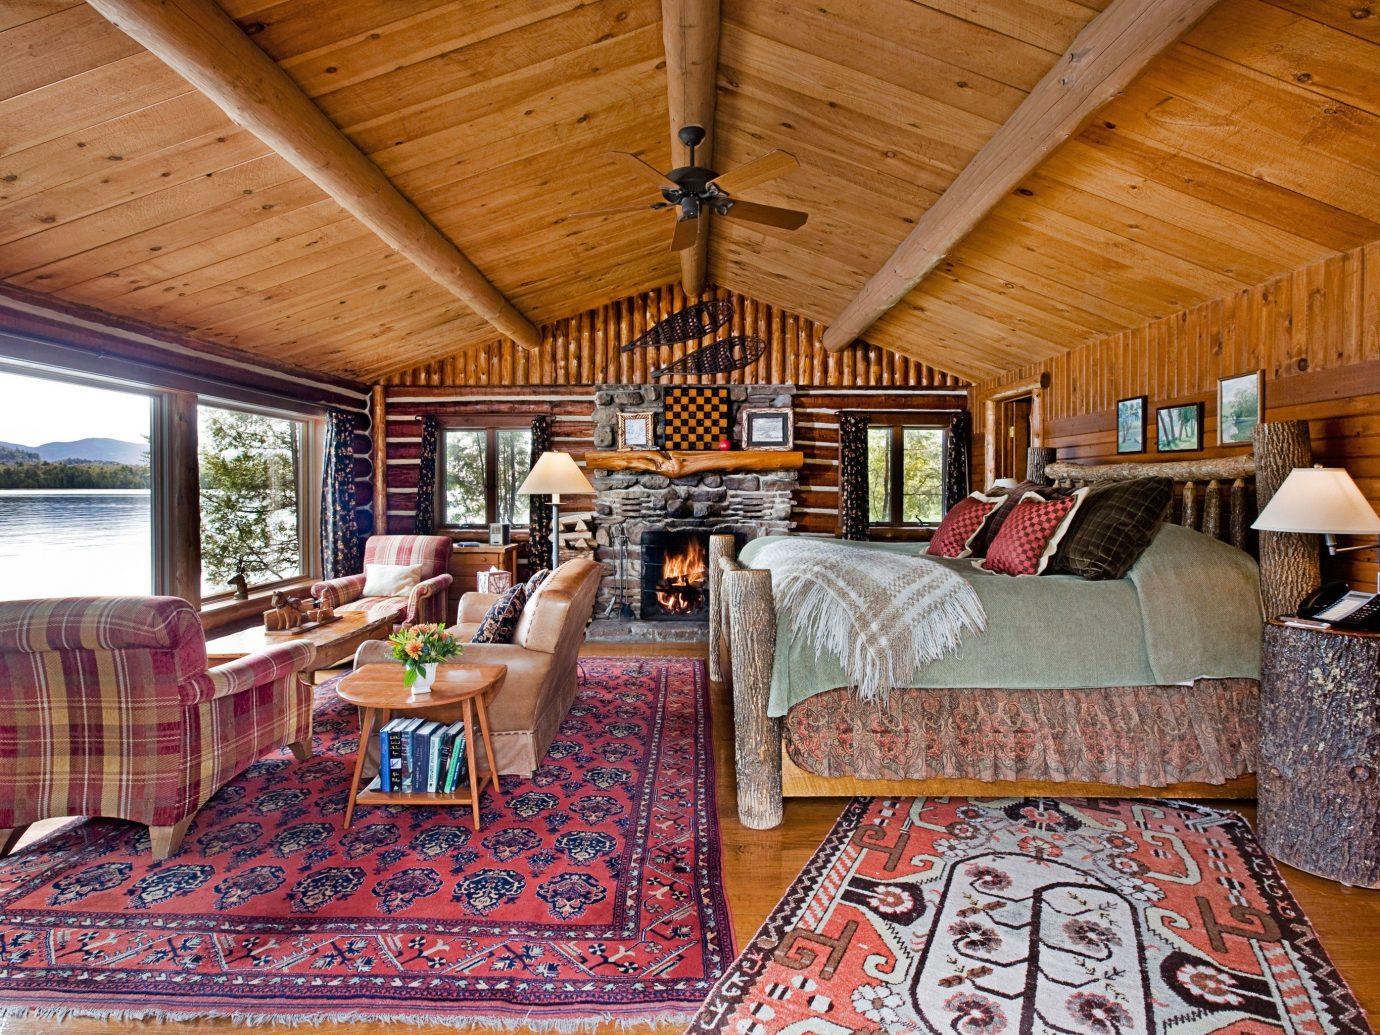 Hotels indoor floor room Living ceiling property log cabin estate cottage home Resort rug living room interior design real estate furniture wood